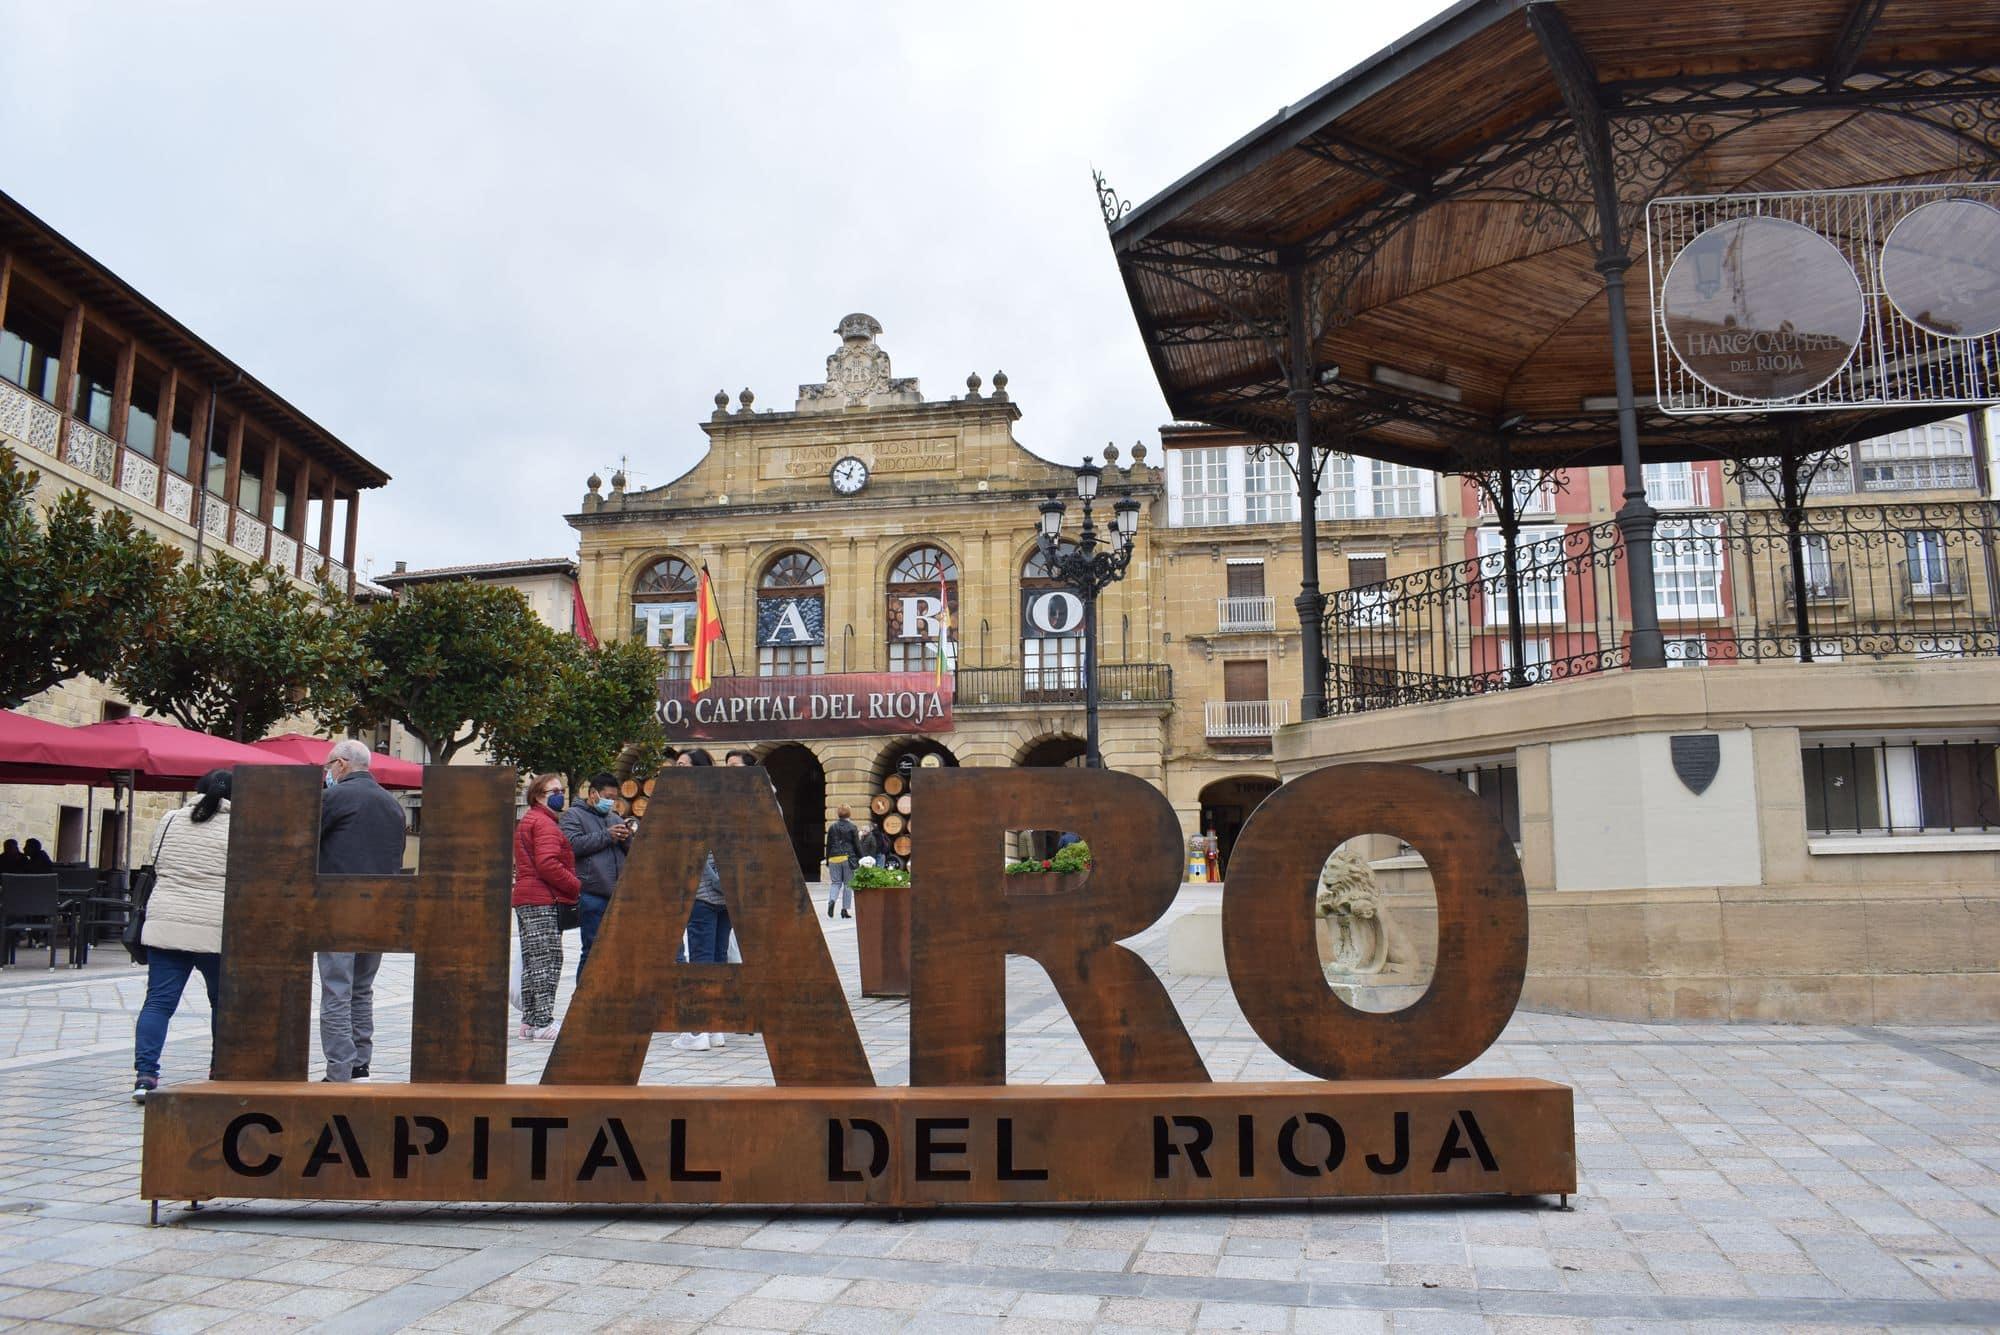 La plaza de la Paz estrena un photocall con el lema 'Haro, Capital del Rioja' 2